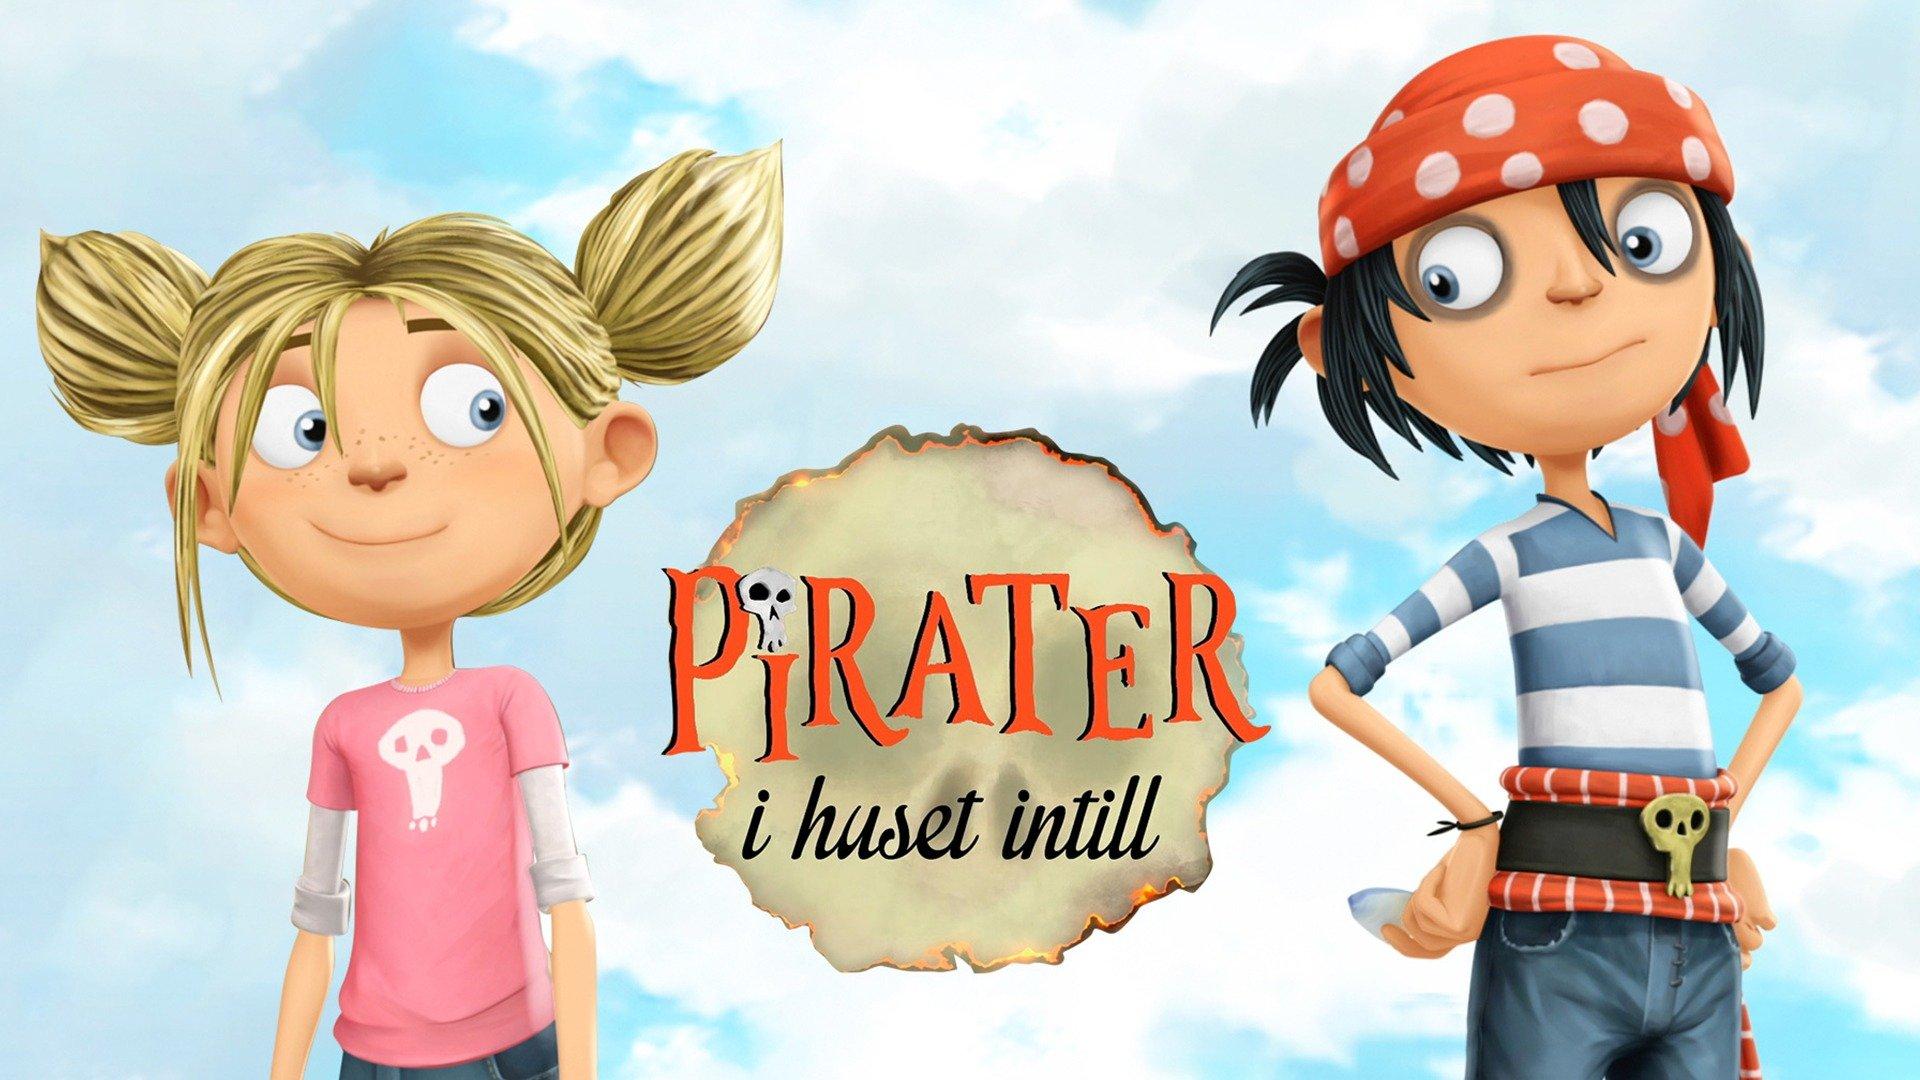 Pirater i huset intill